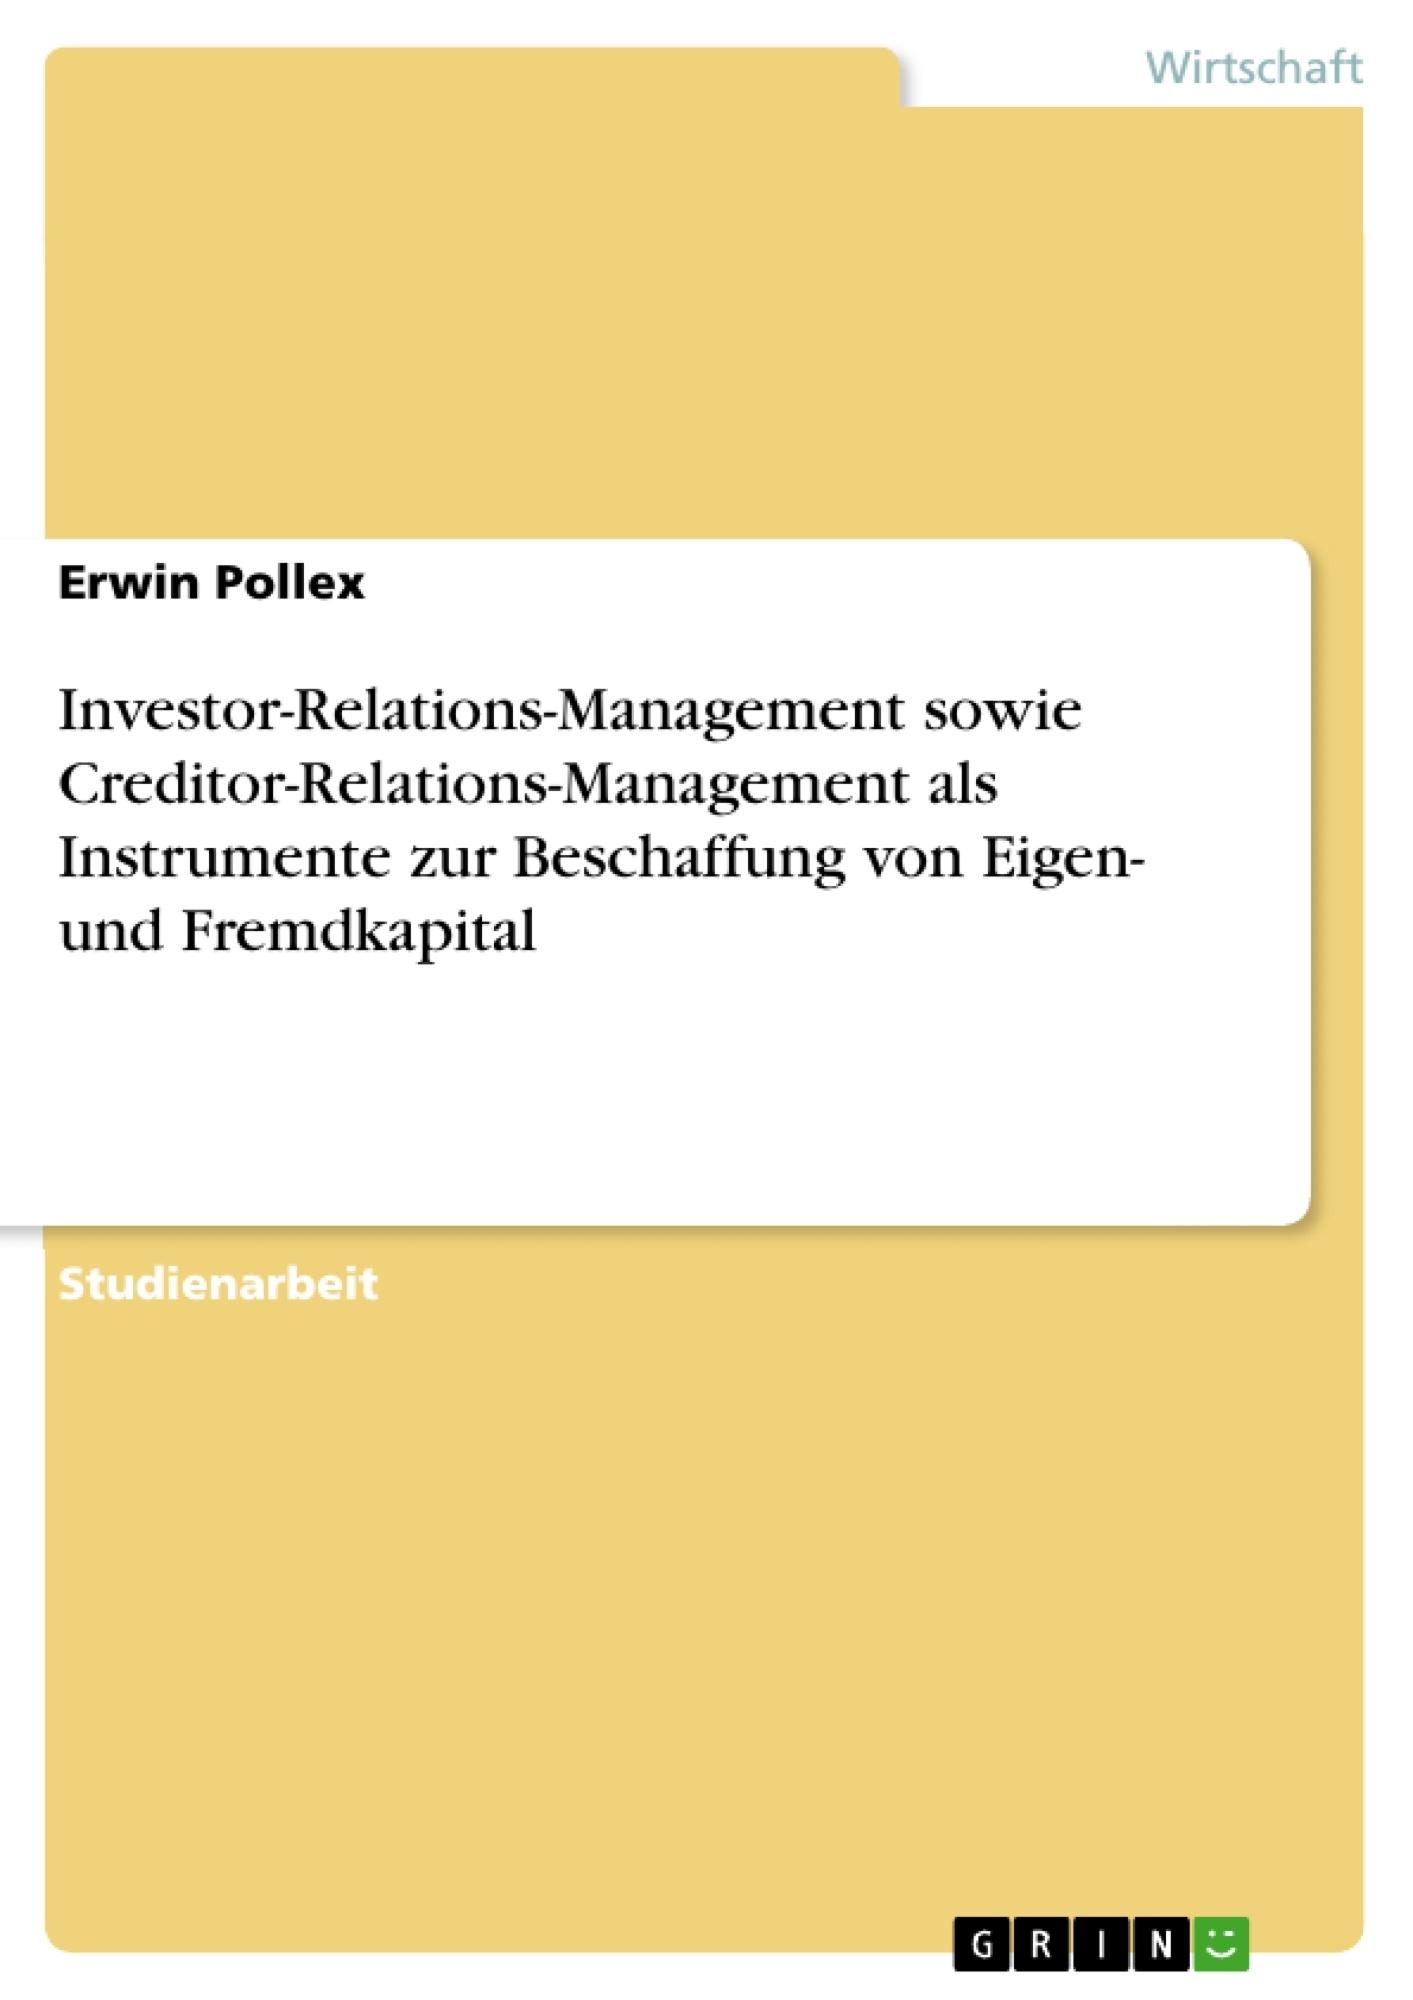 Titel: Investor-Relations-Management sowie Creditor-Relations-Management als Instrumente zur Beschaffung von Eigen- und Fremdkapital